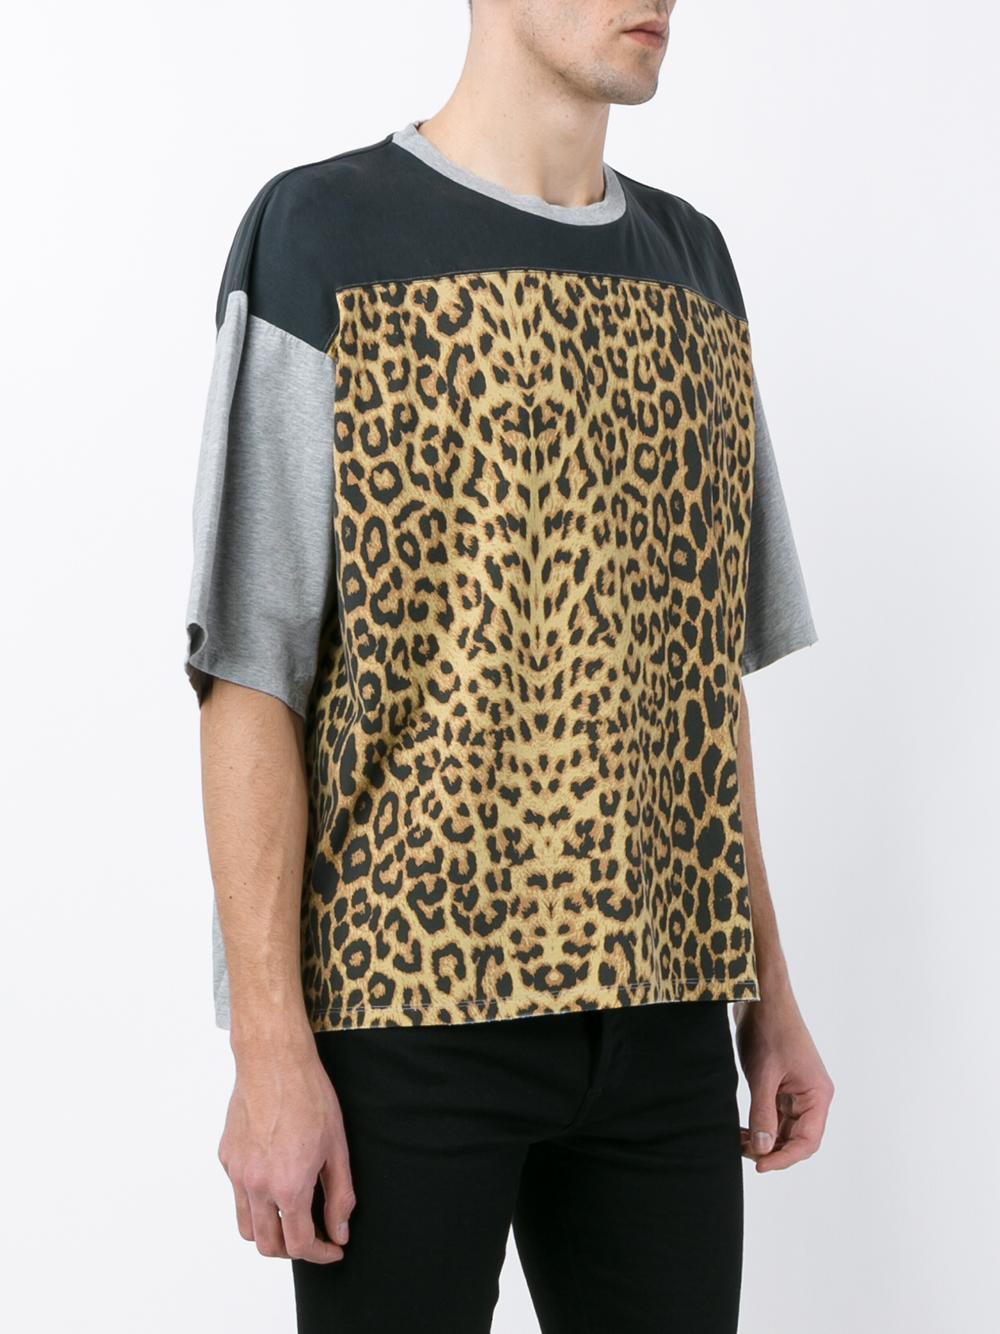 Saint laurent Distressed Leopard Print T shirt for Men